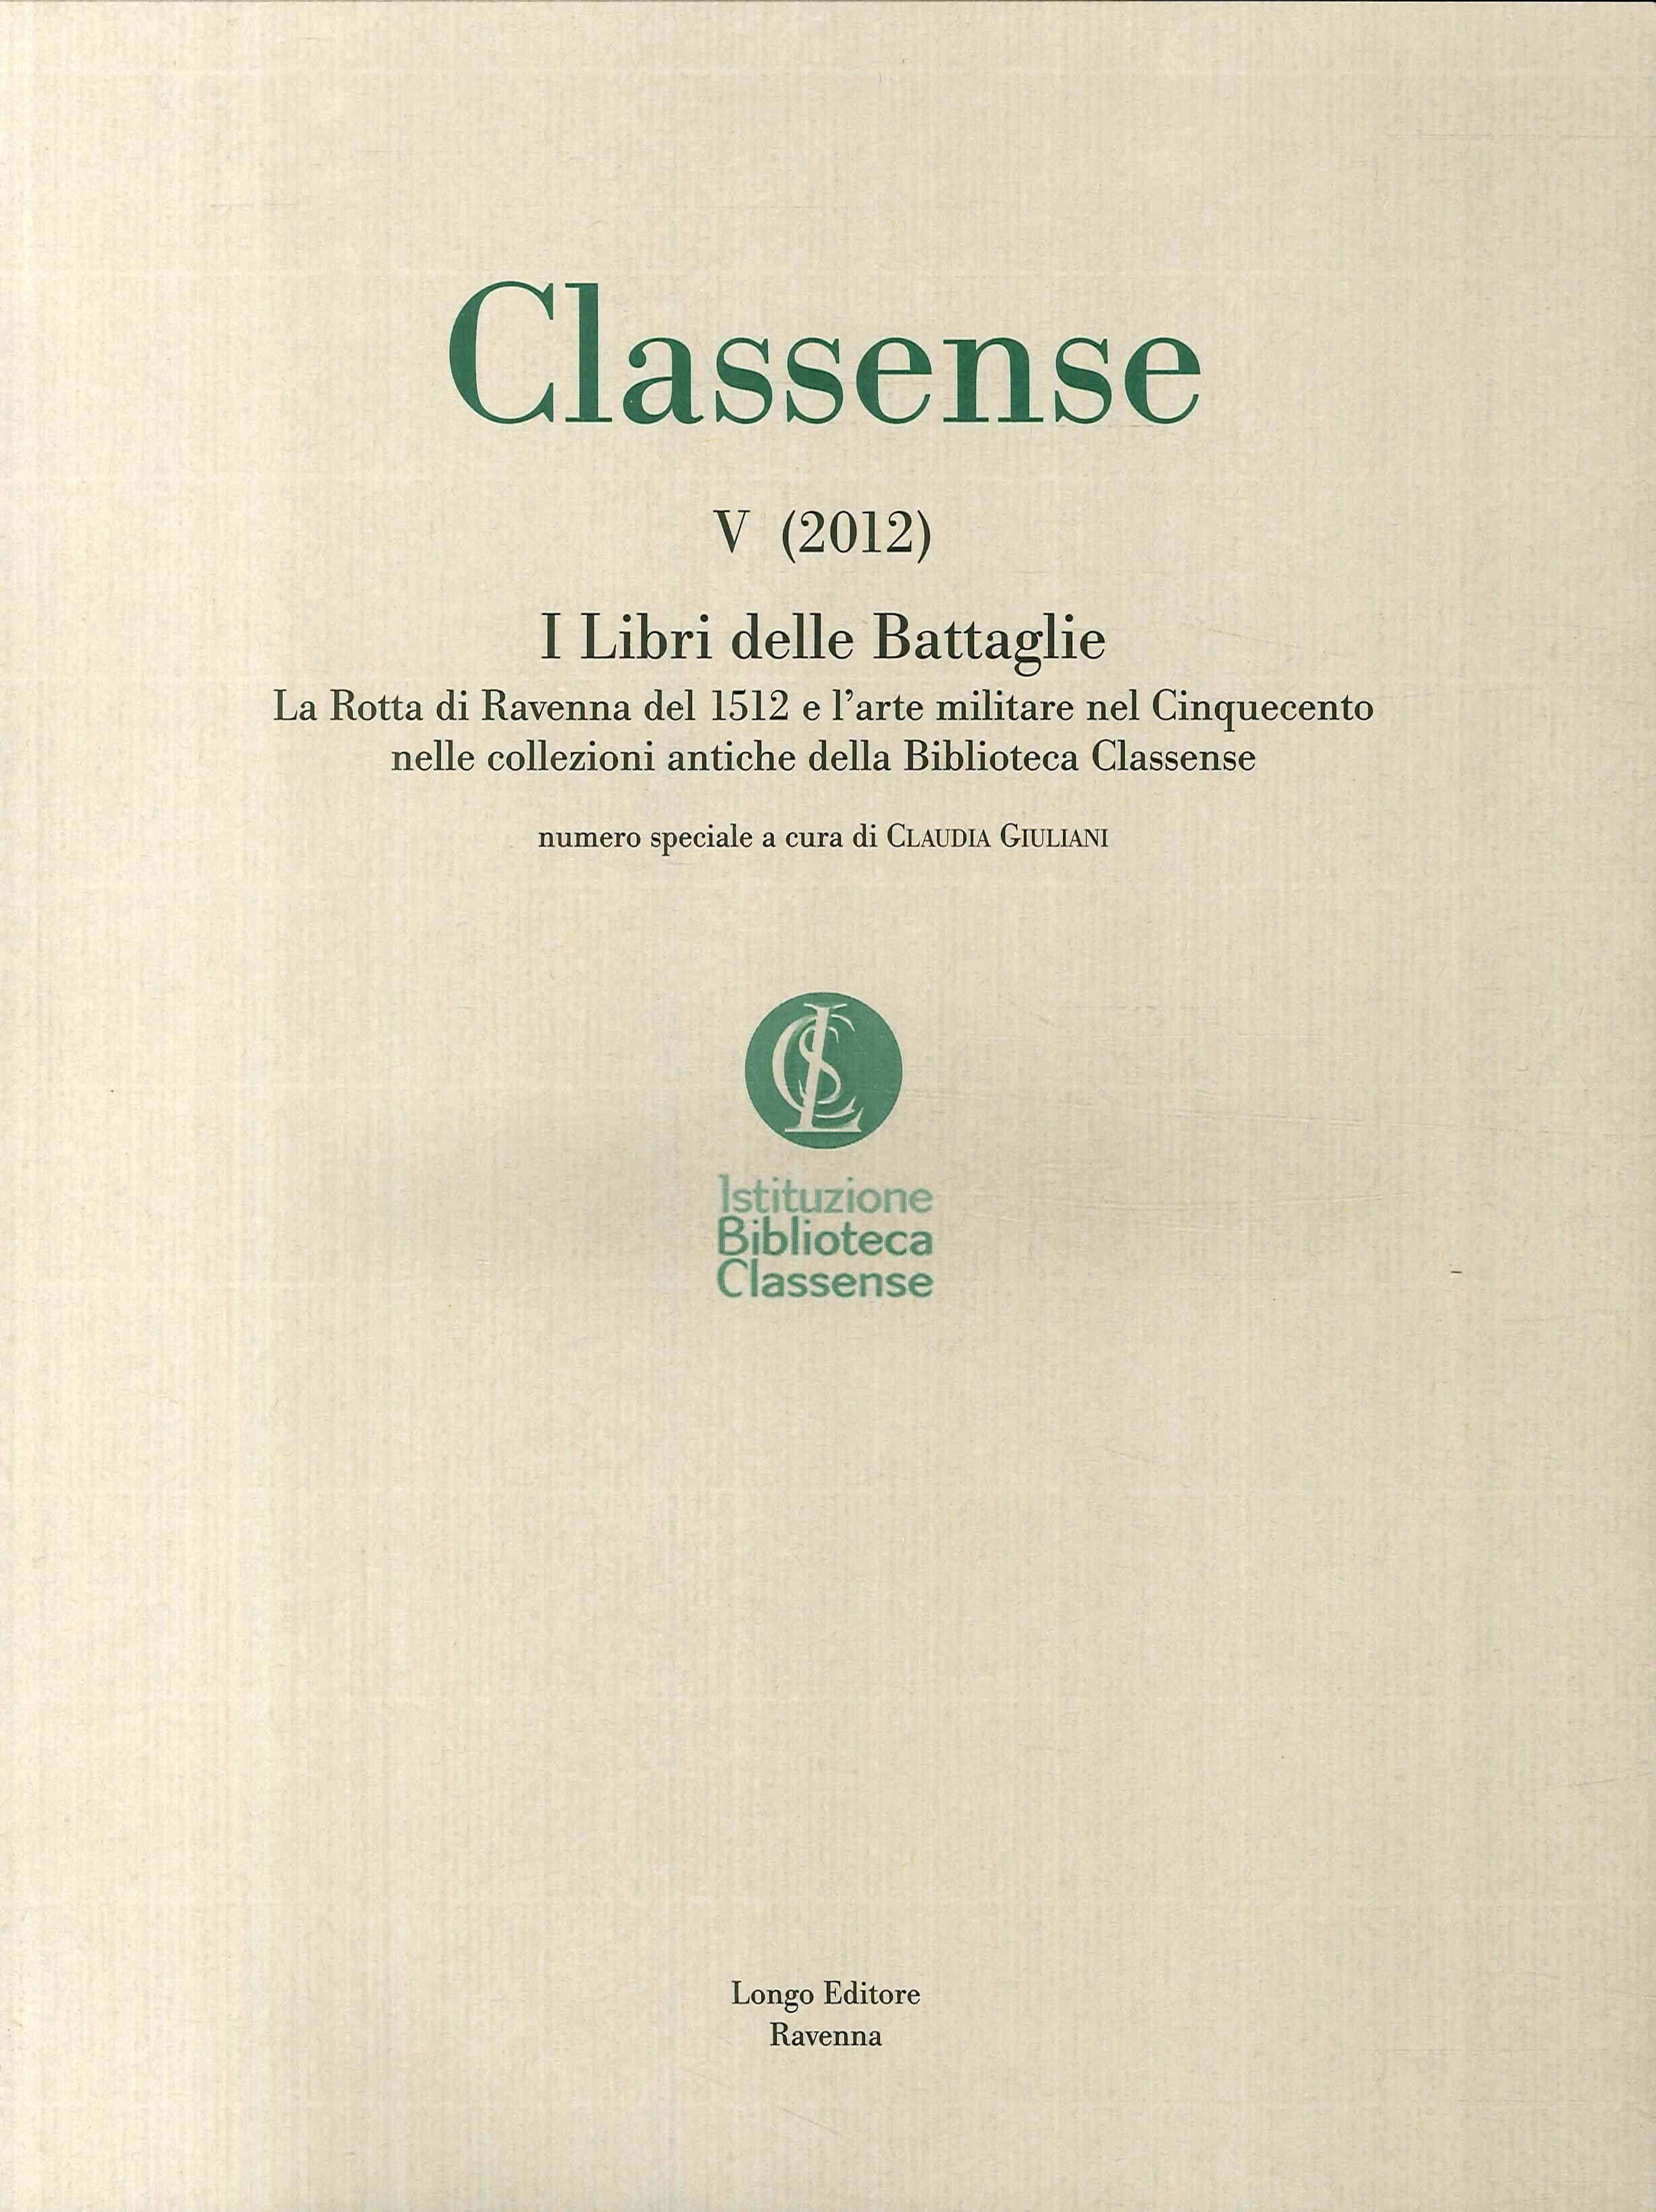 Classense. Vol. 5: I libri delle Battaglie. La Rotta di Ravenna del 1512 e l'arte militare nel Cinquecento nelle collezioni antiche della Biblioteca Classense